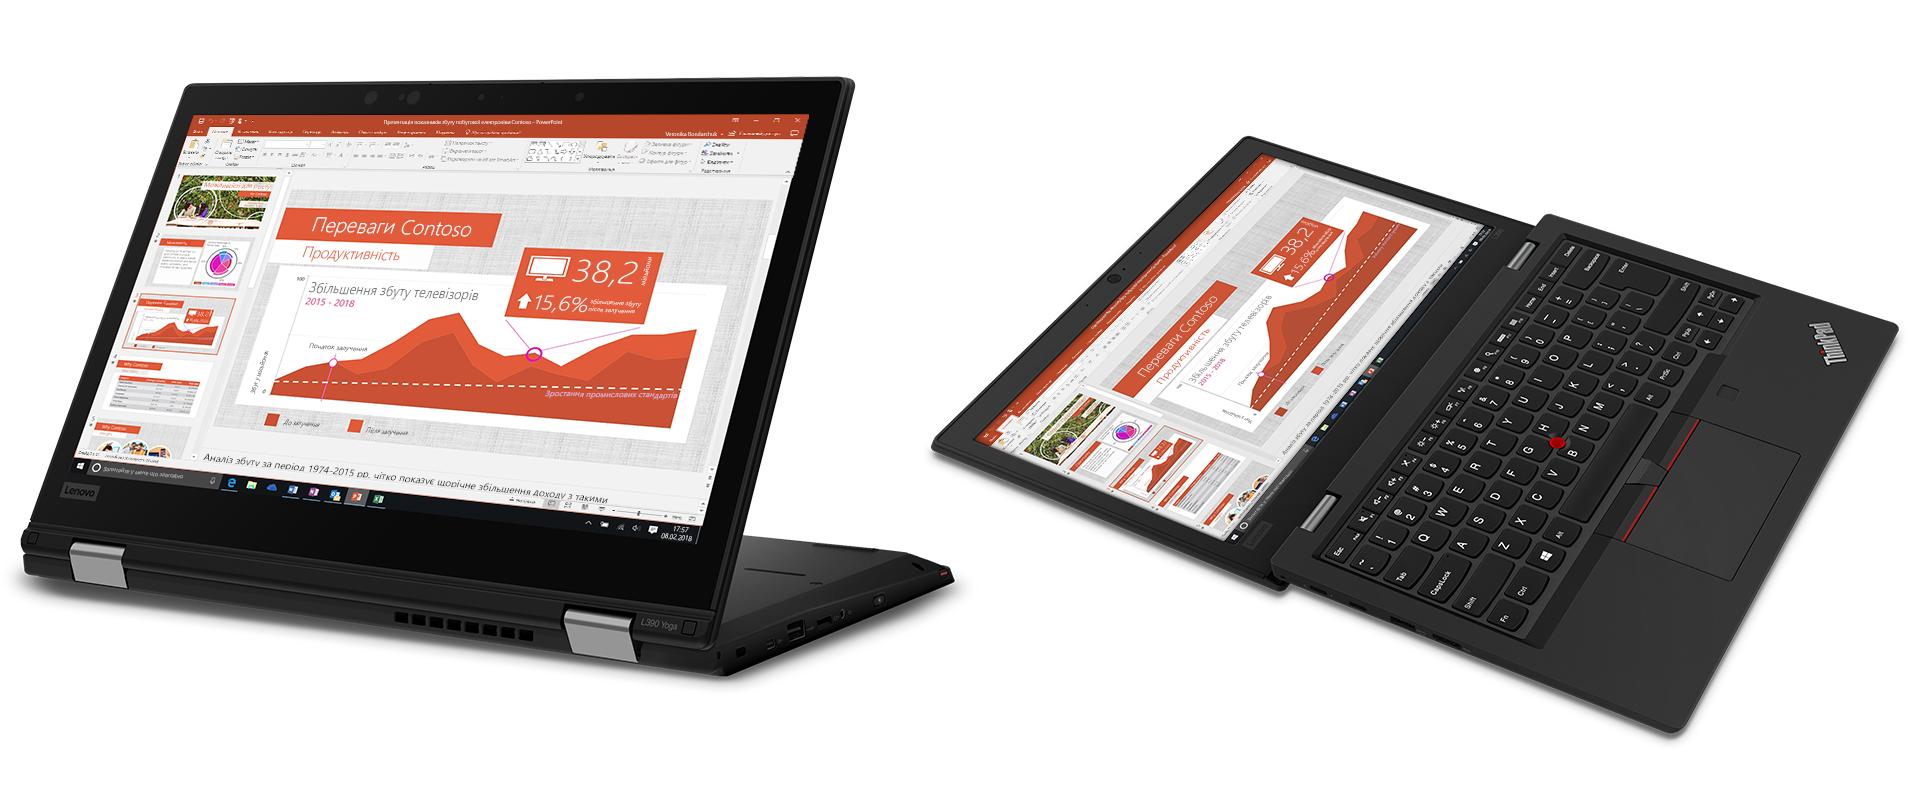 Зображення Lenovo ThinkPad L390 й L390 Yoga